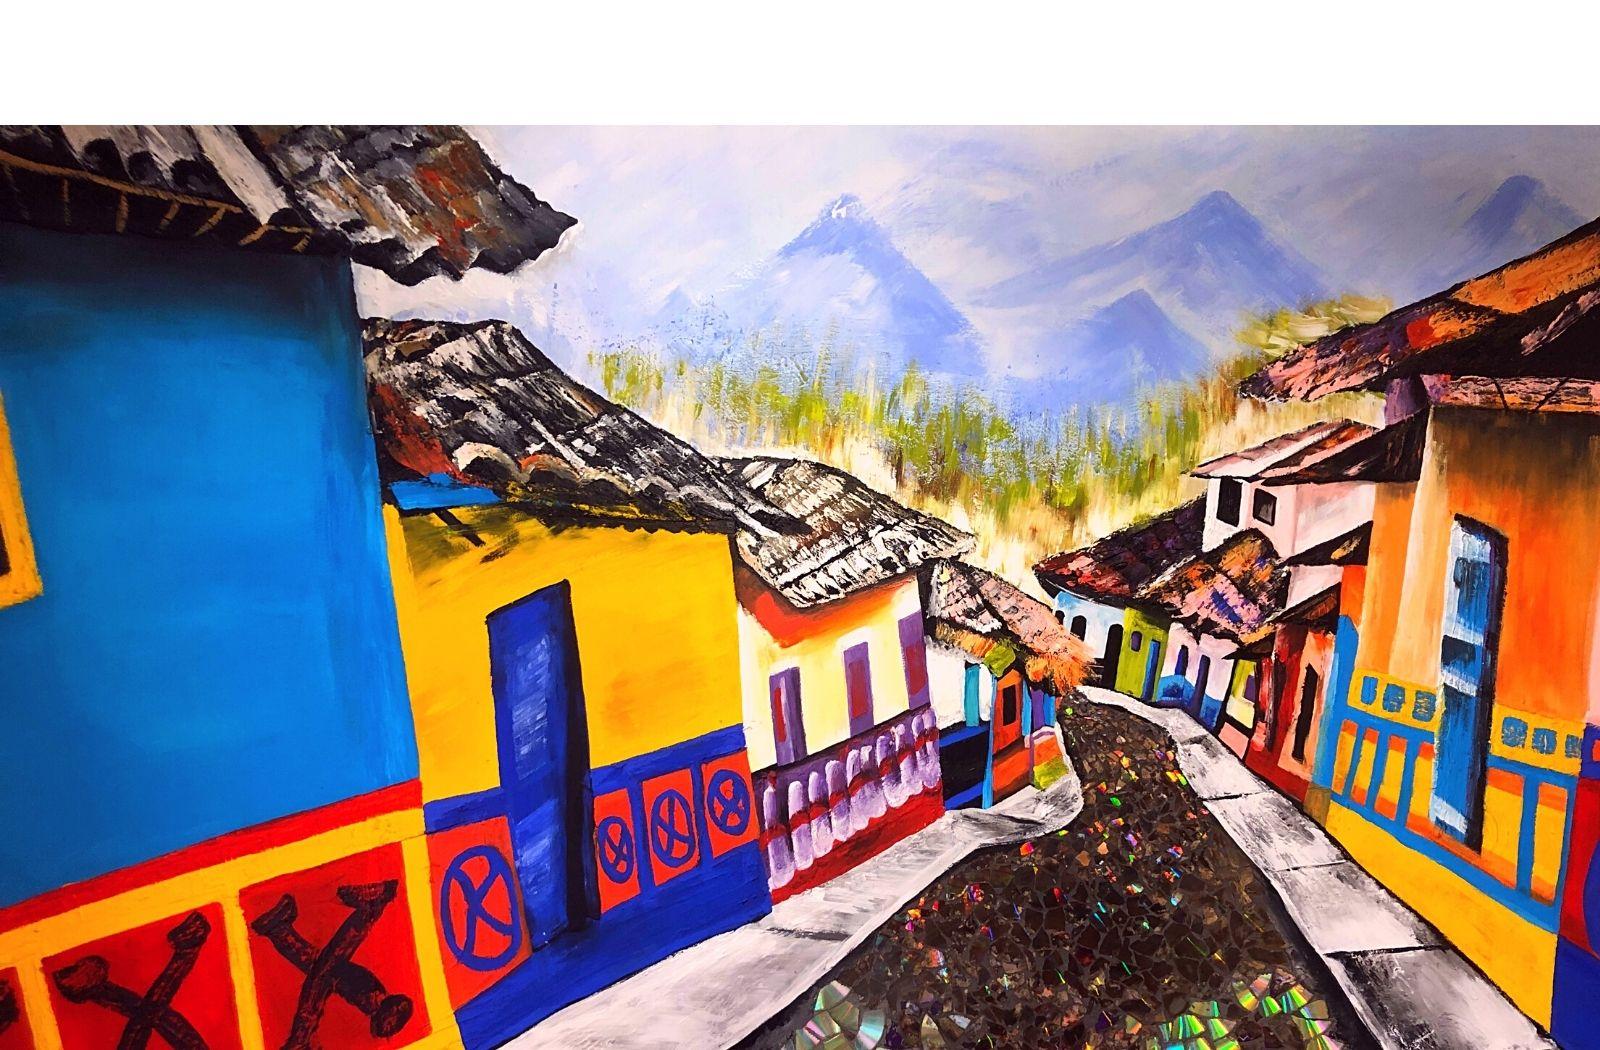 Colombian Neighborhood